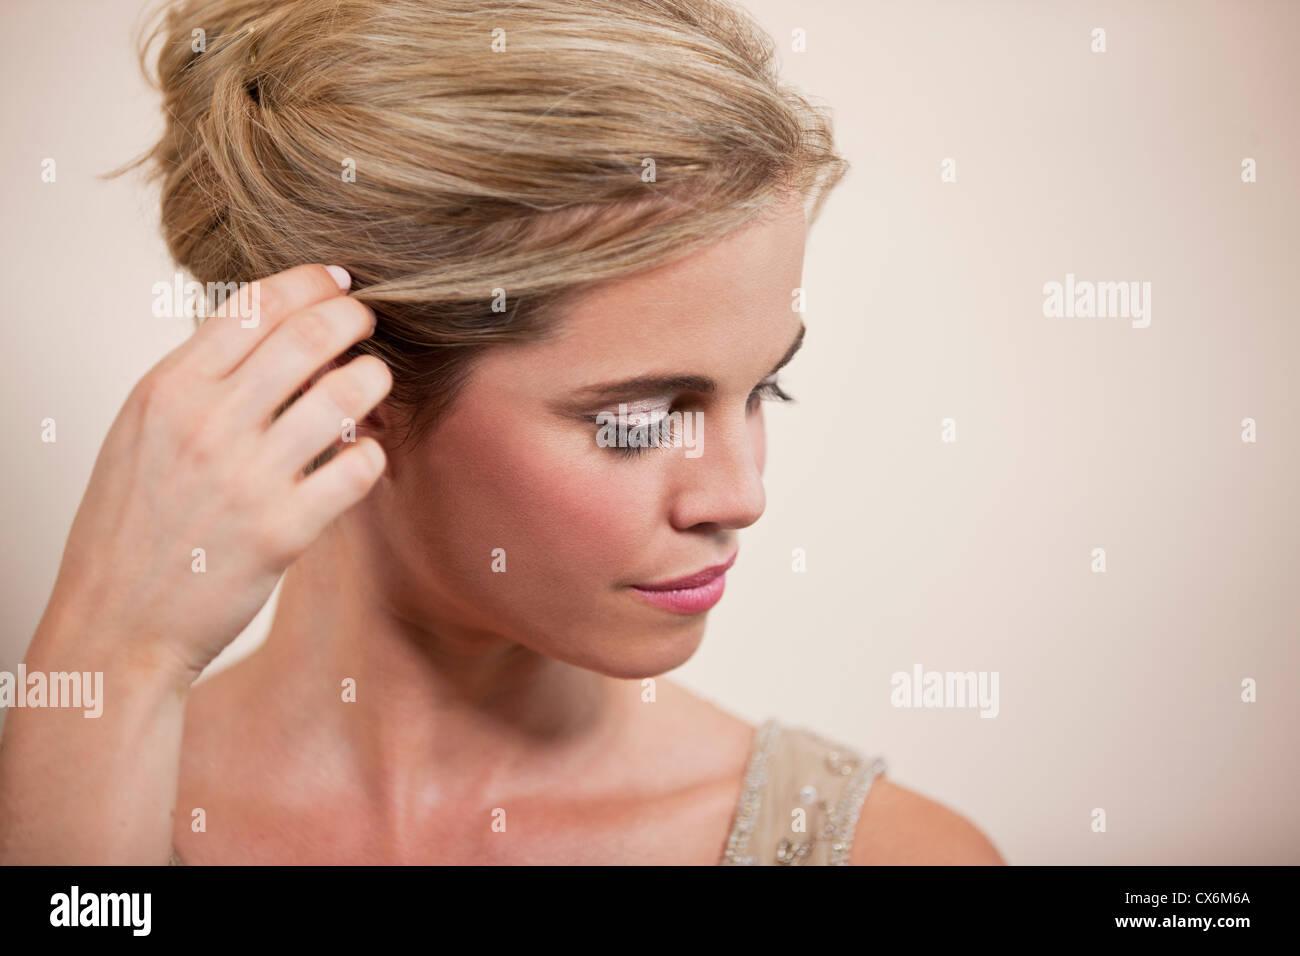 Eine junge Frau ihr Haar hinter ihr Ohr stopfte Stockbild